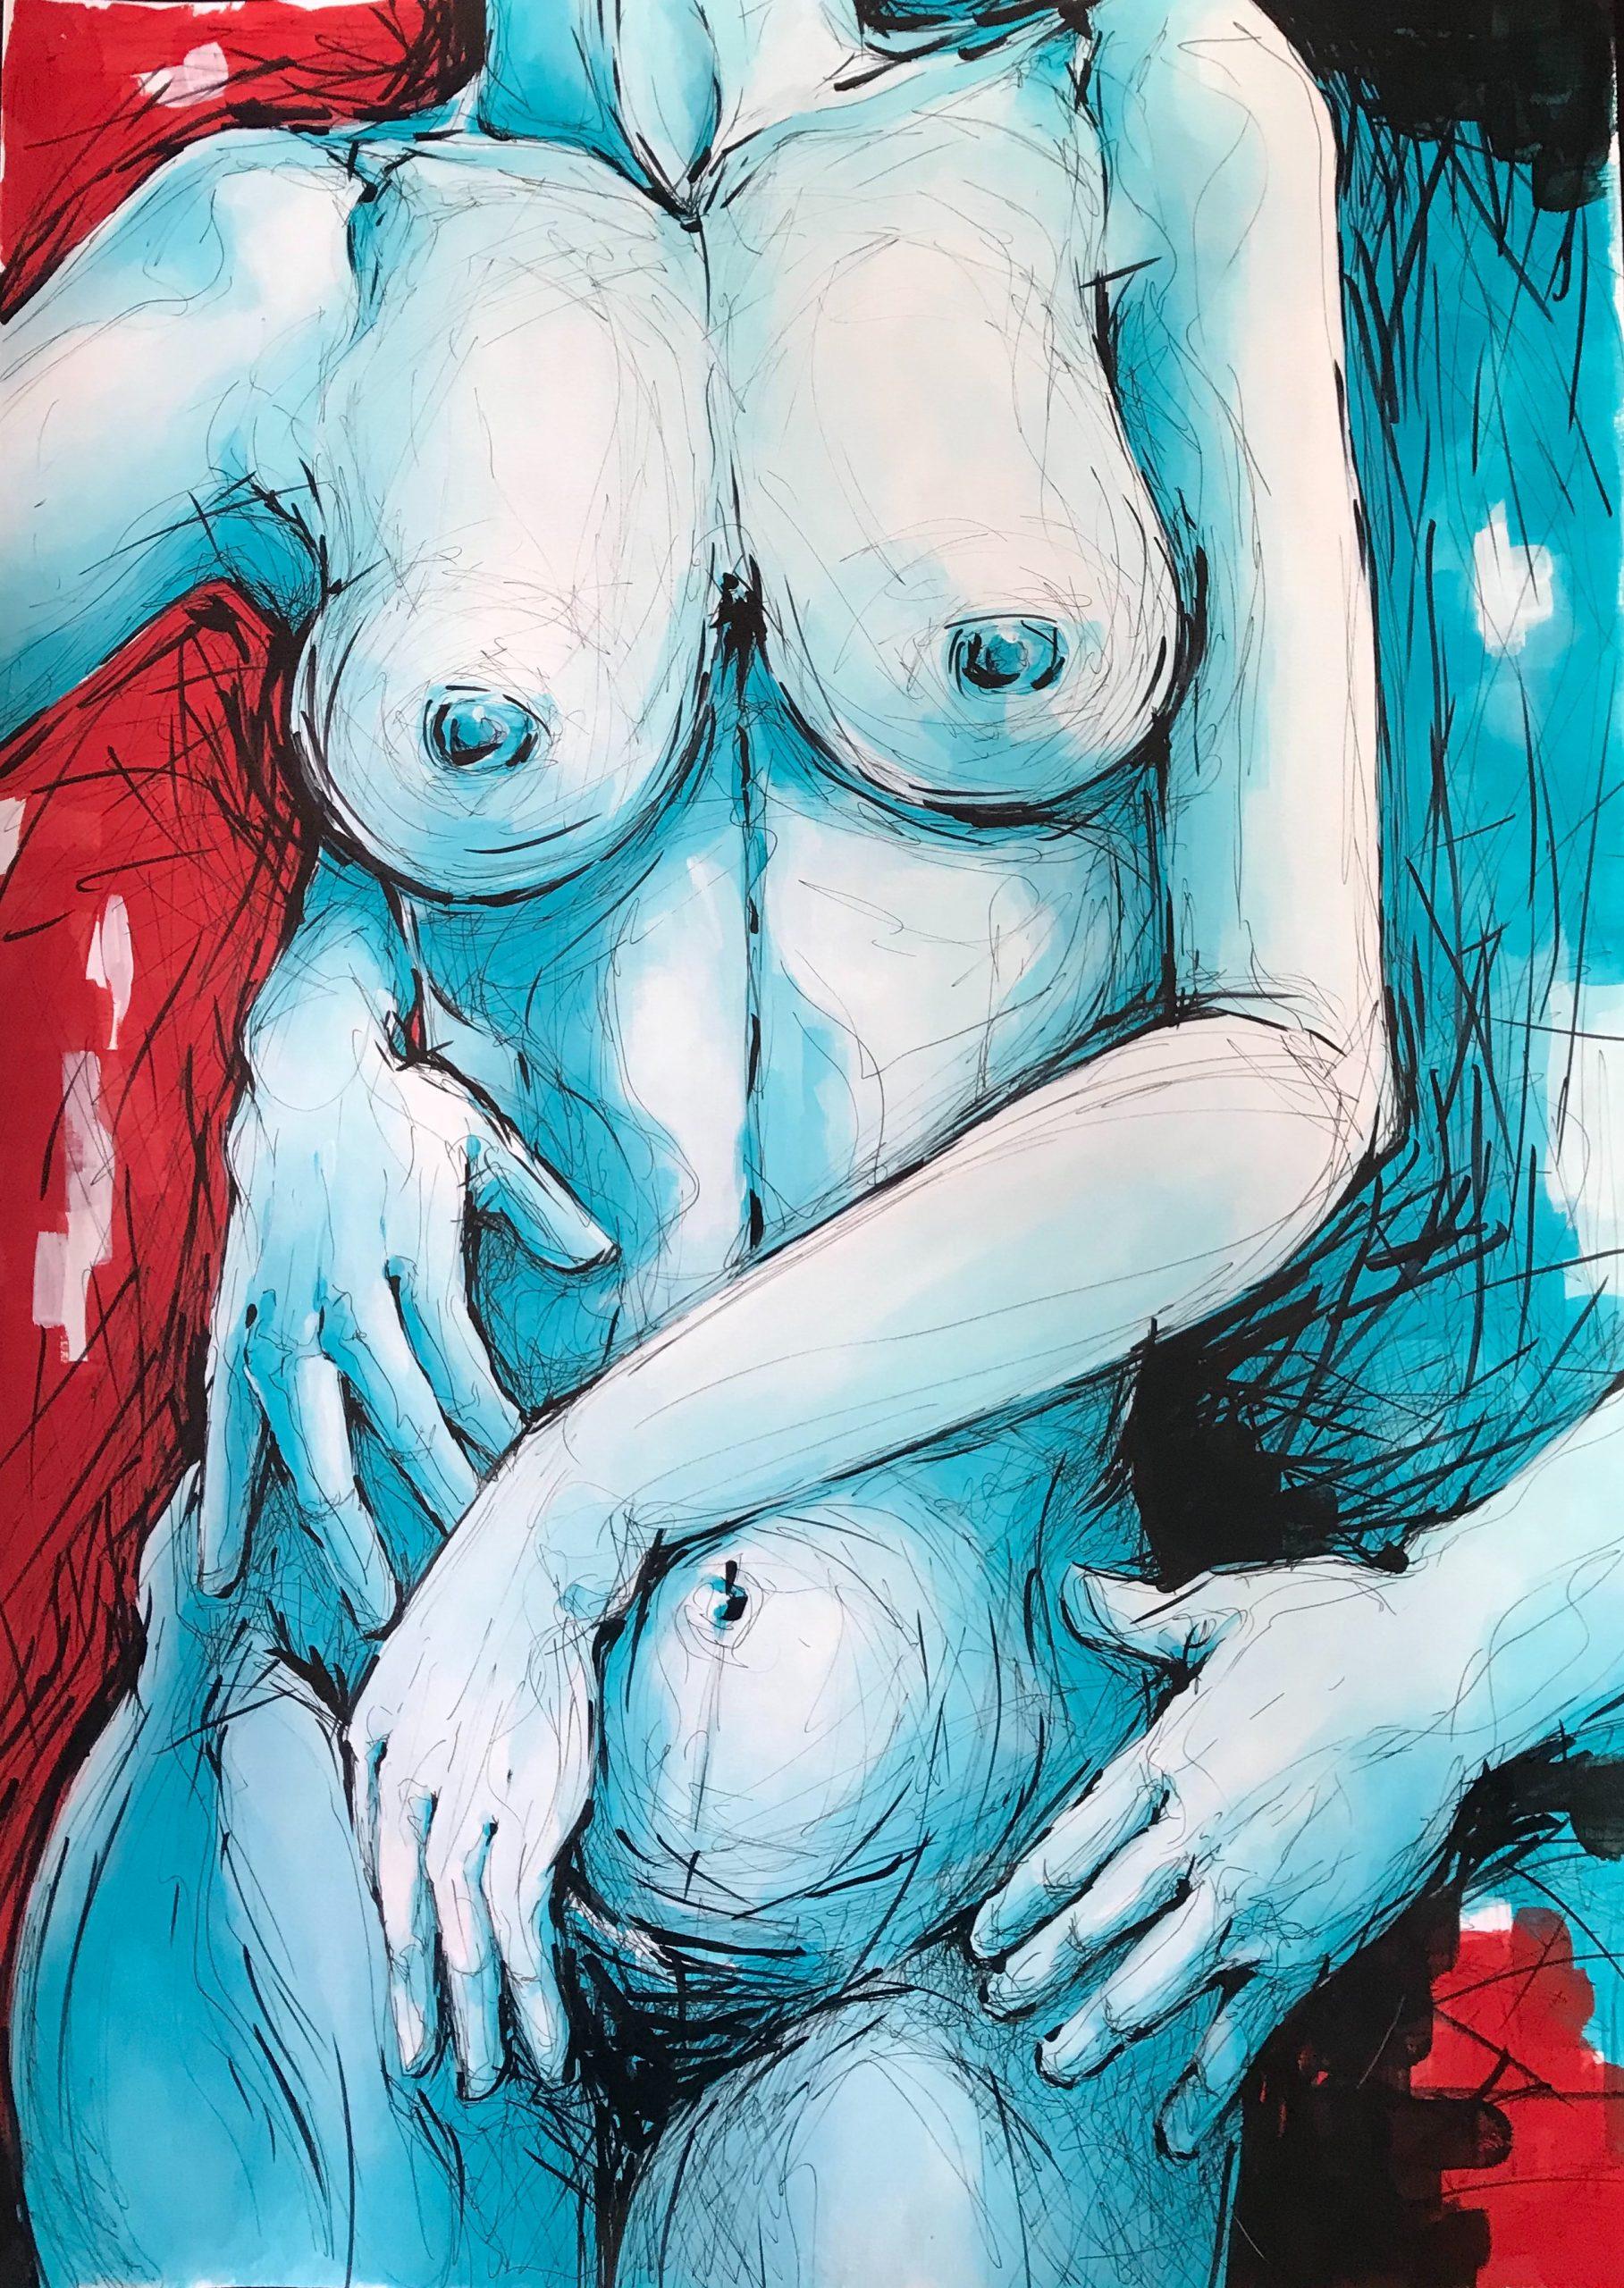 Ale Feijó | Serie Mujeres. Técnica mixta, acrílico, tinta y marcador sobre papel. 50 x 70 cm